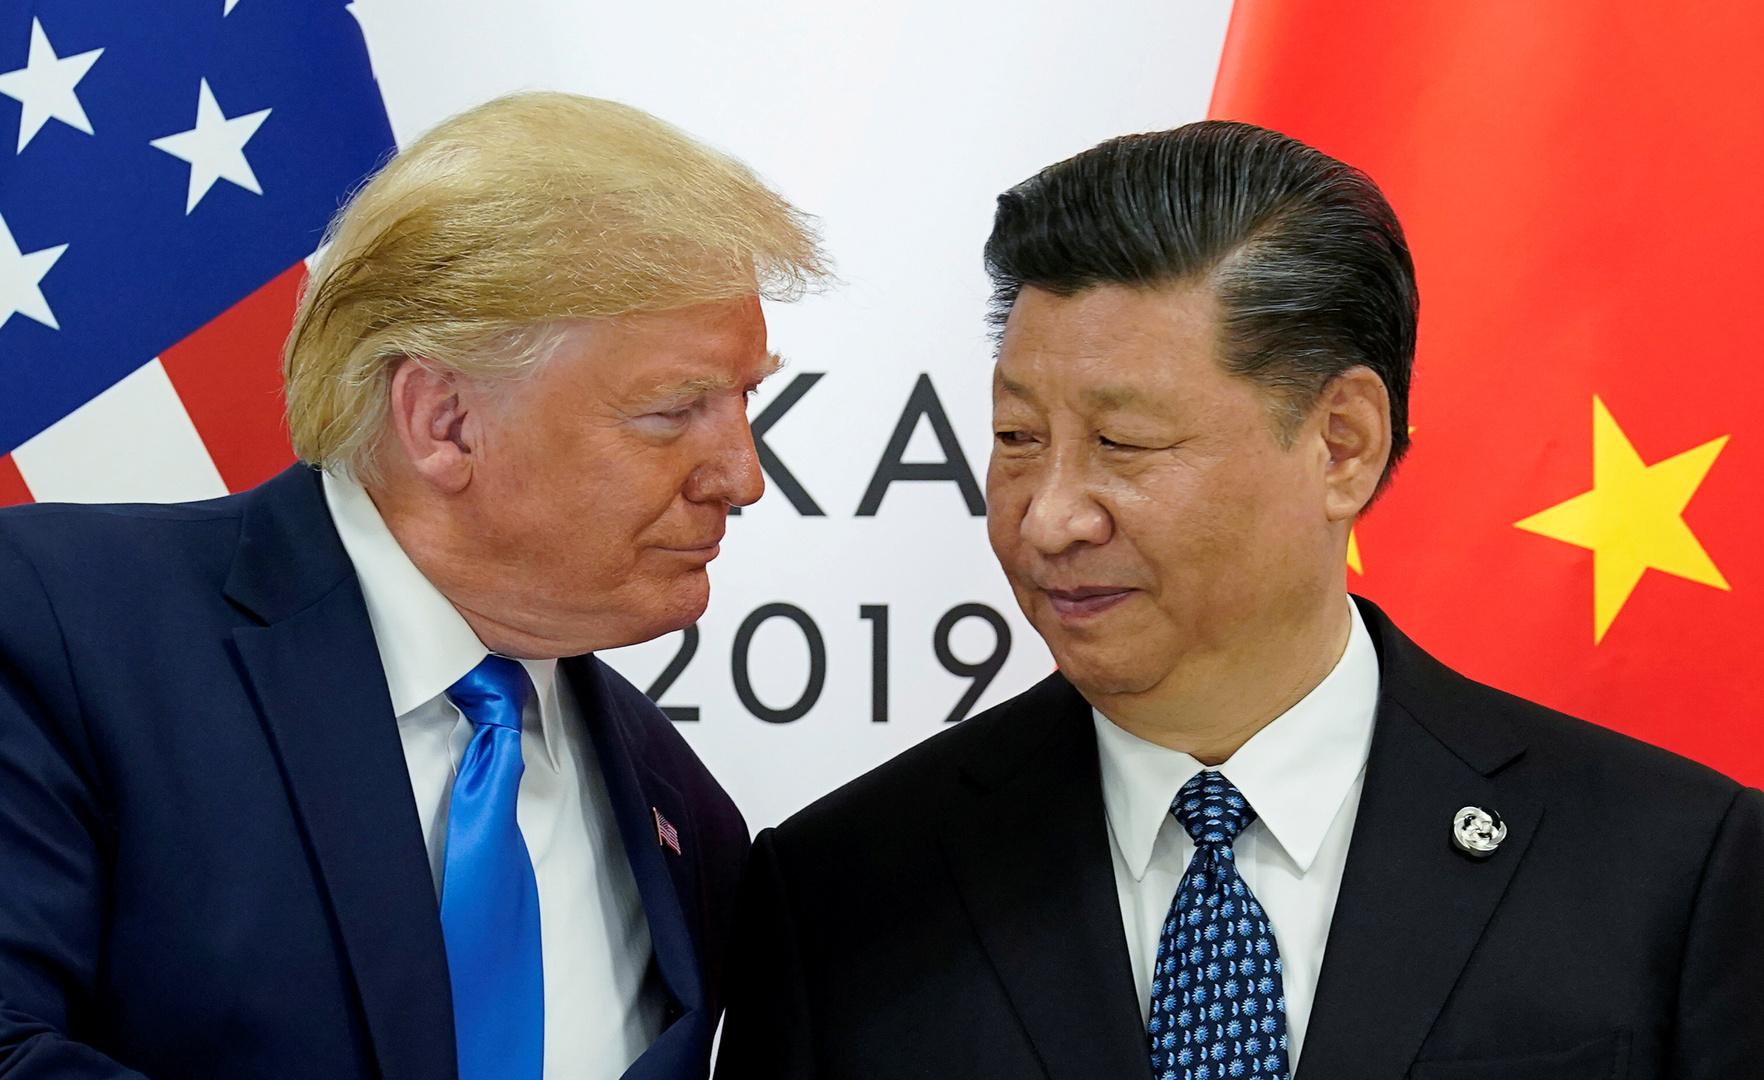 الولايات المتحدة حسبتها: النصر على الشر الروسي أرخص مرتين من النصر على الشر الصيني